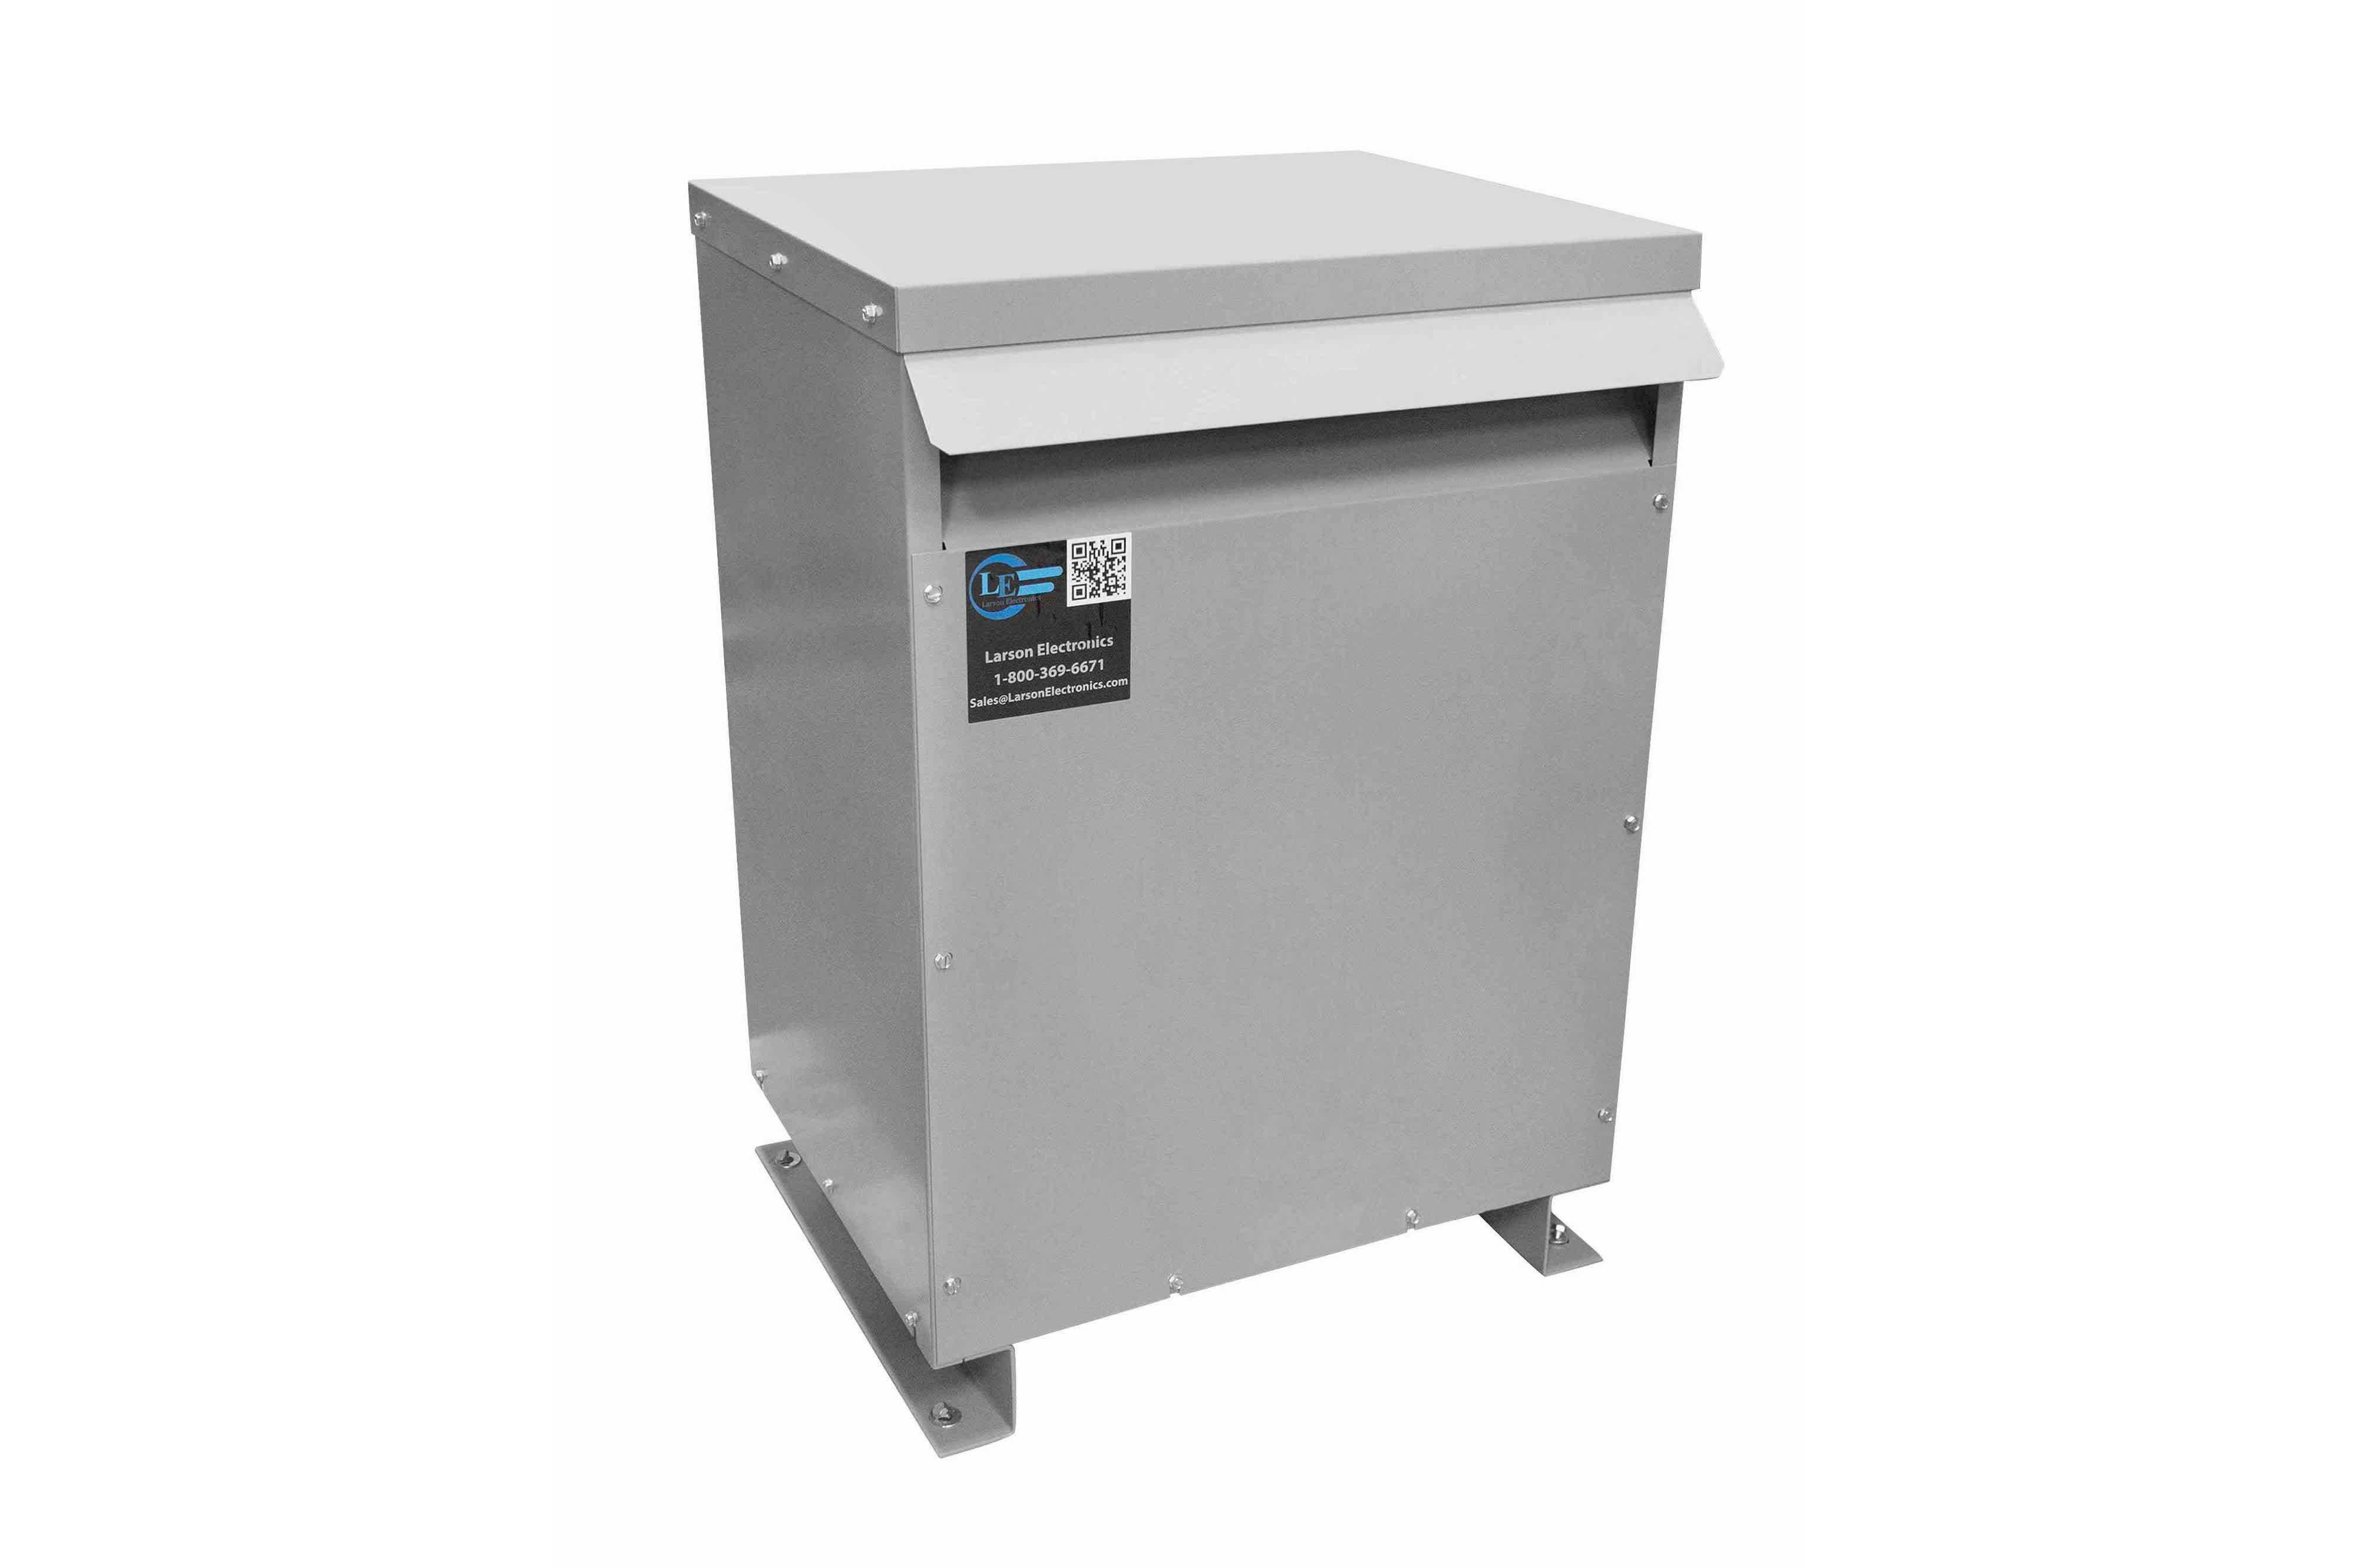 115 kVA 3PH Isolation Transformer, 208V Delta Primary, 380V Delta Secondary, N3R, Ventilated, 60 Hz